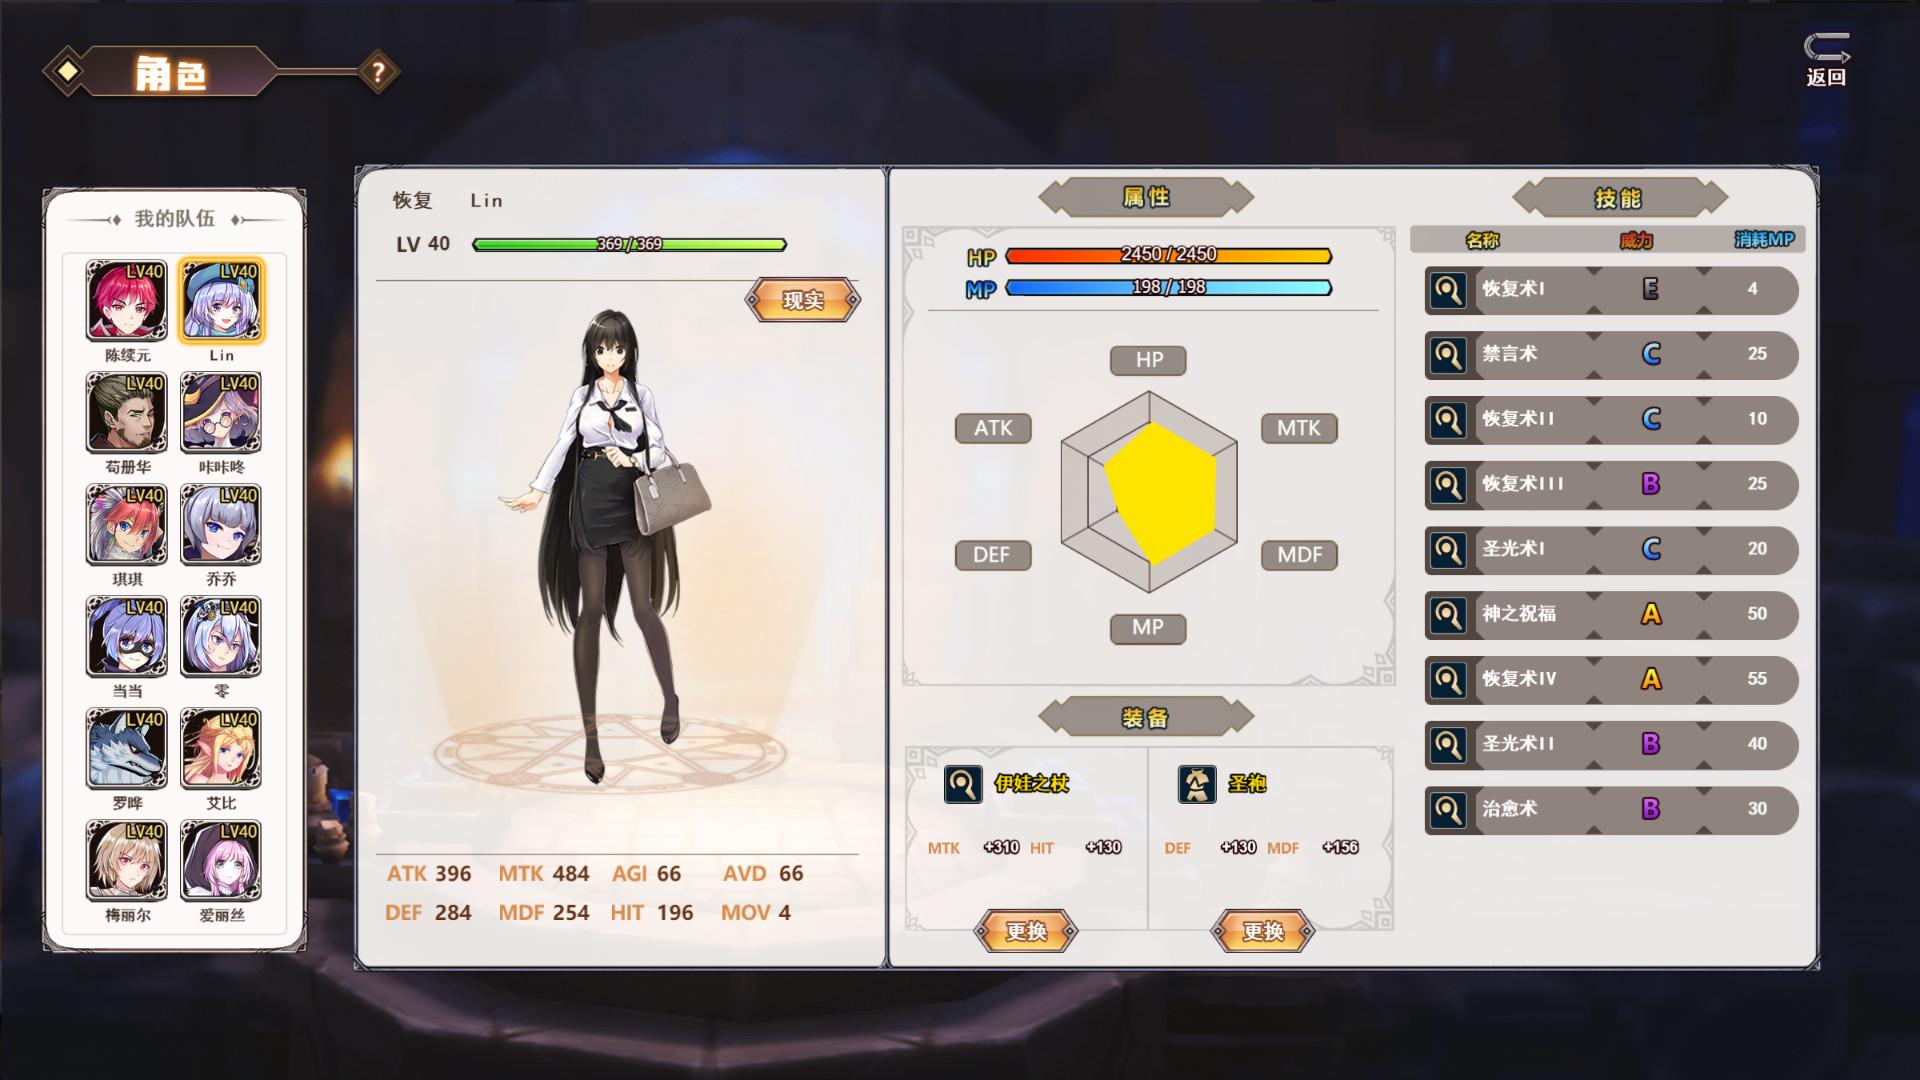 双面战姬:起源(V1.0.19-680)插图25